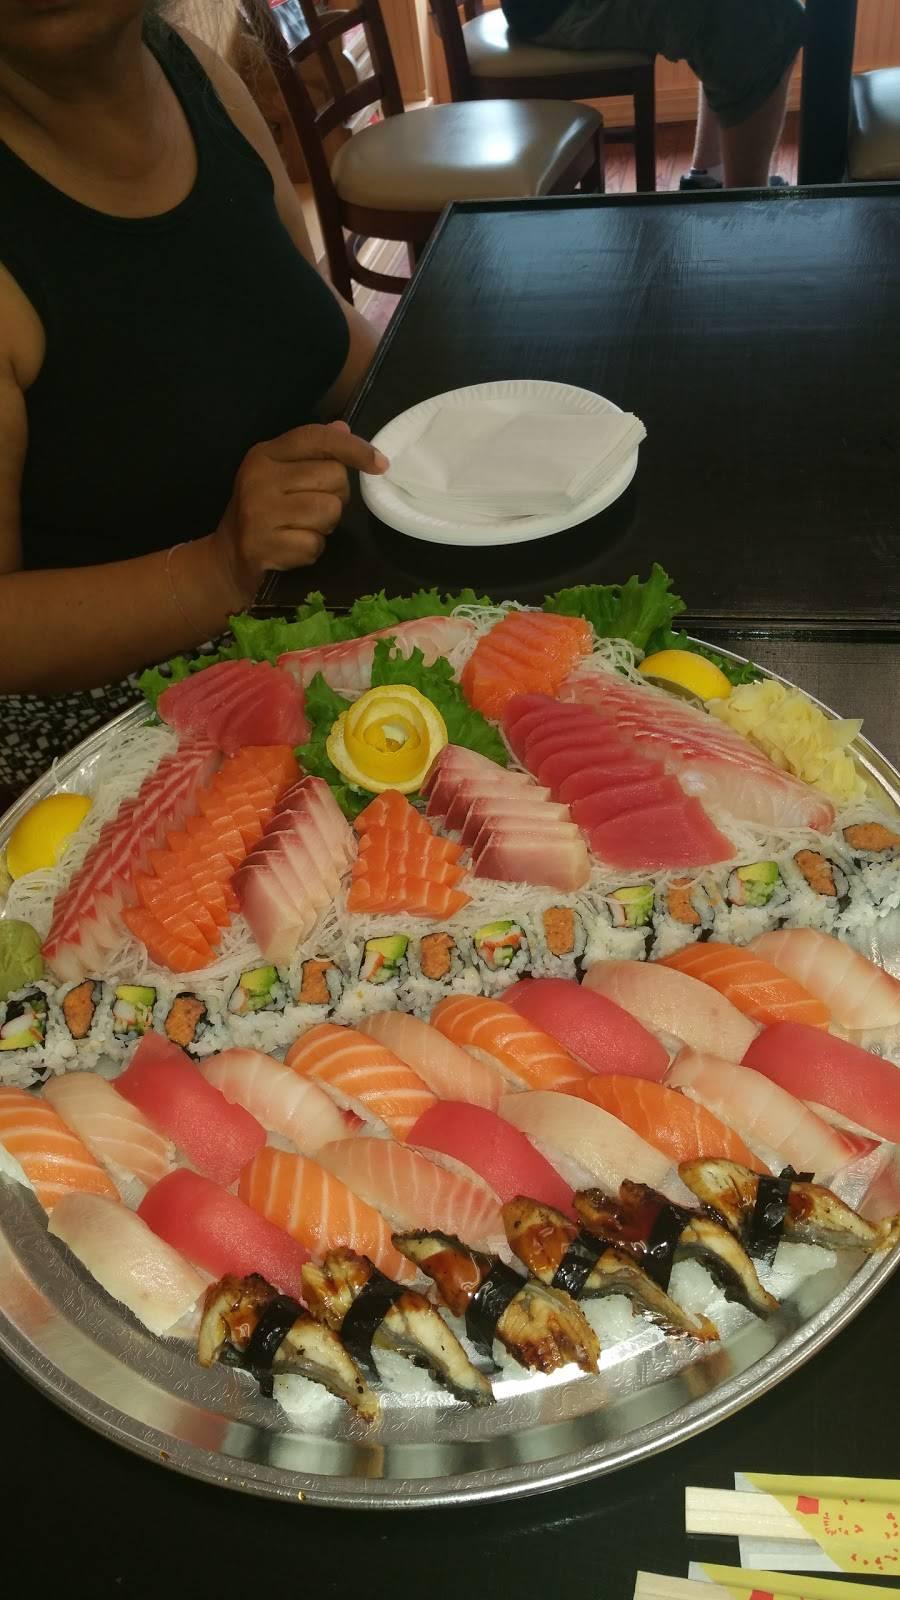 Sushi House   restaurant   1562 Lemoine Ave, Fort Lee, NJ 07024, USA   2019478884 OR +1 201-947-8884